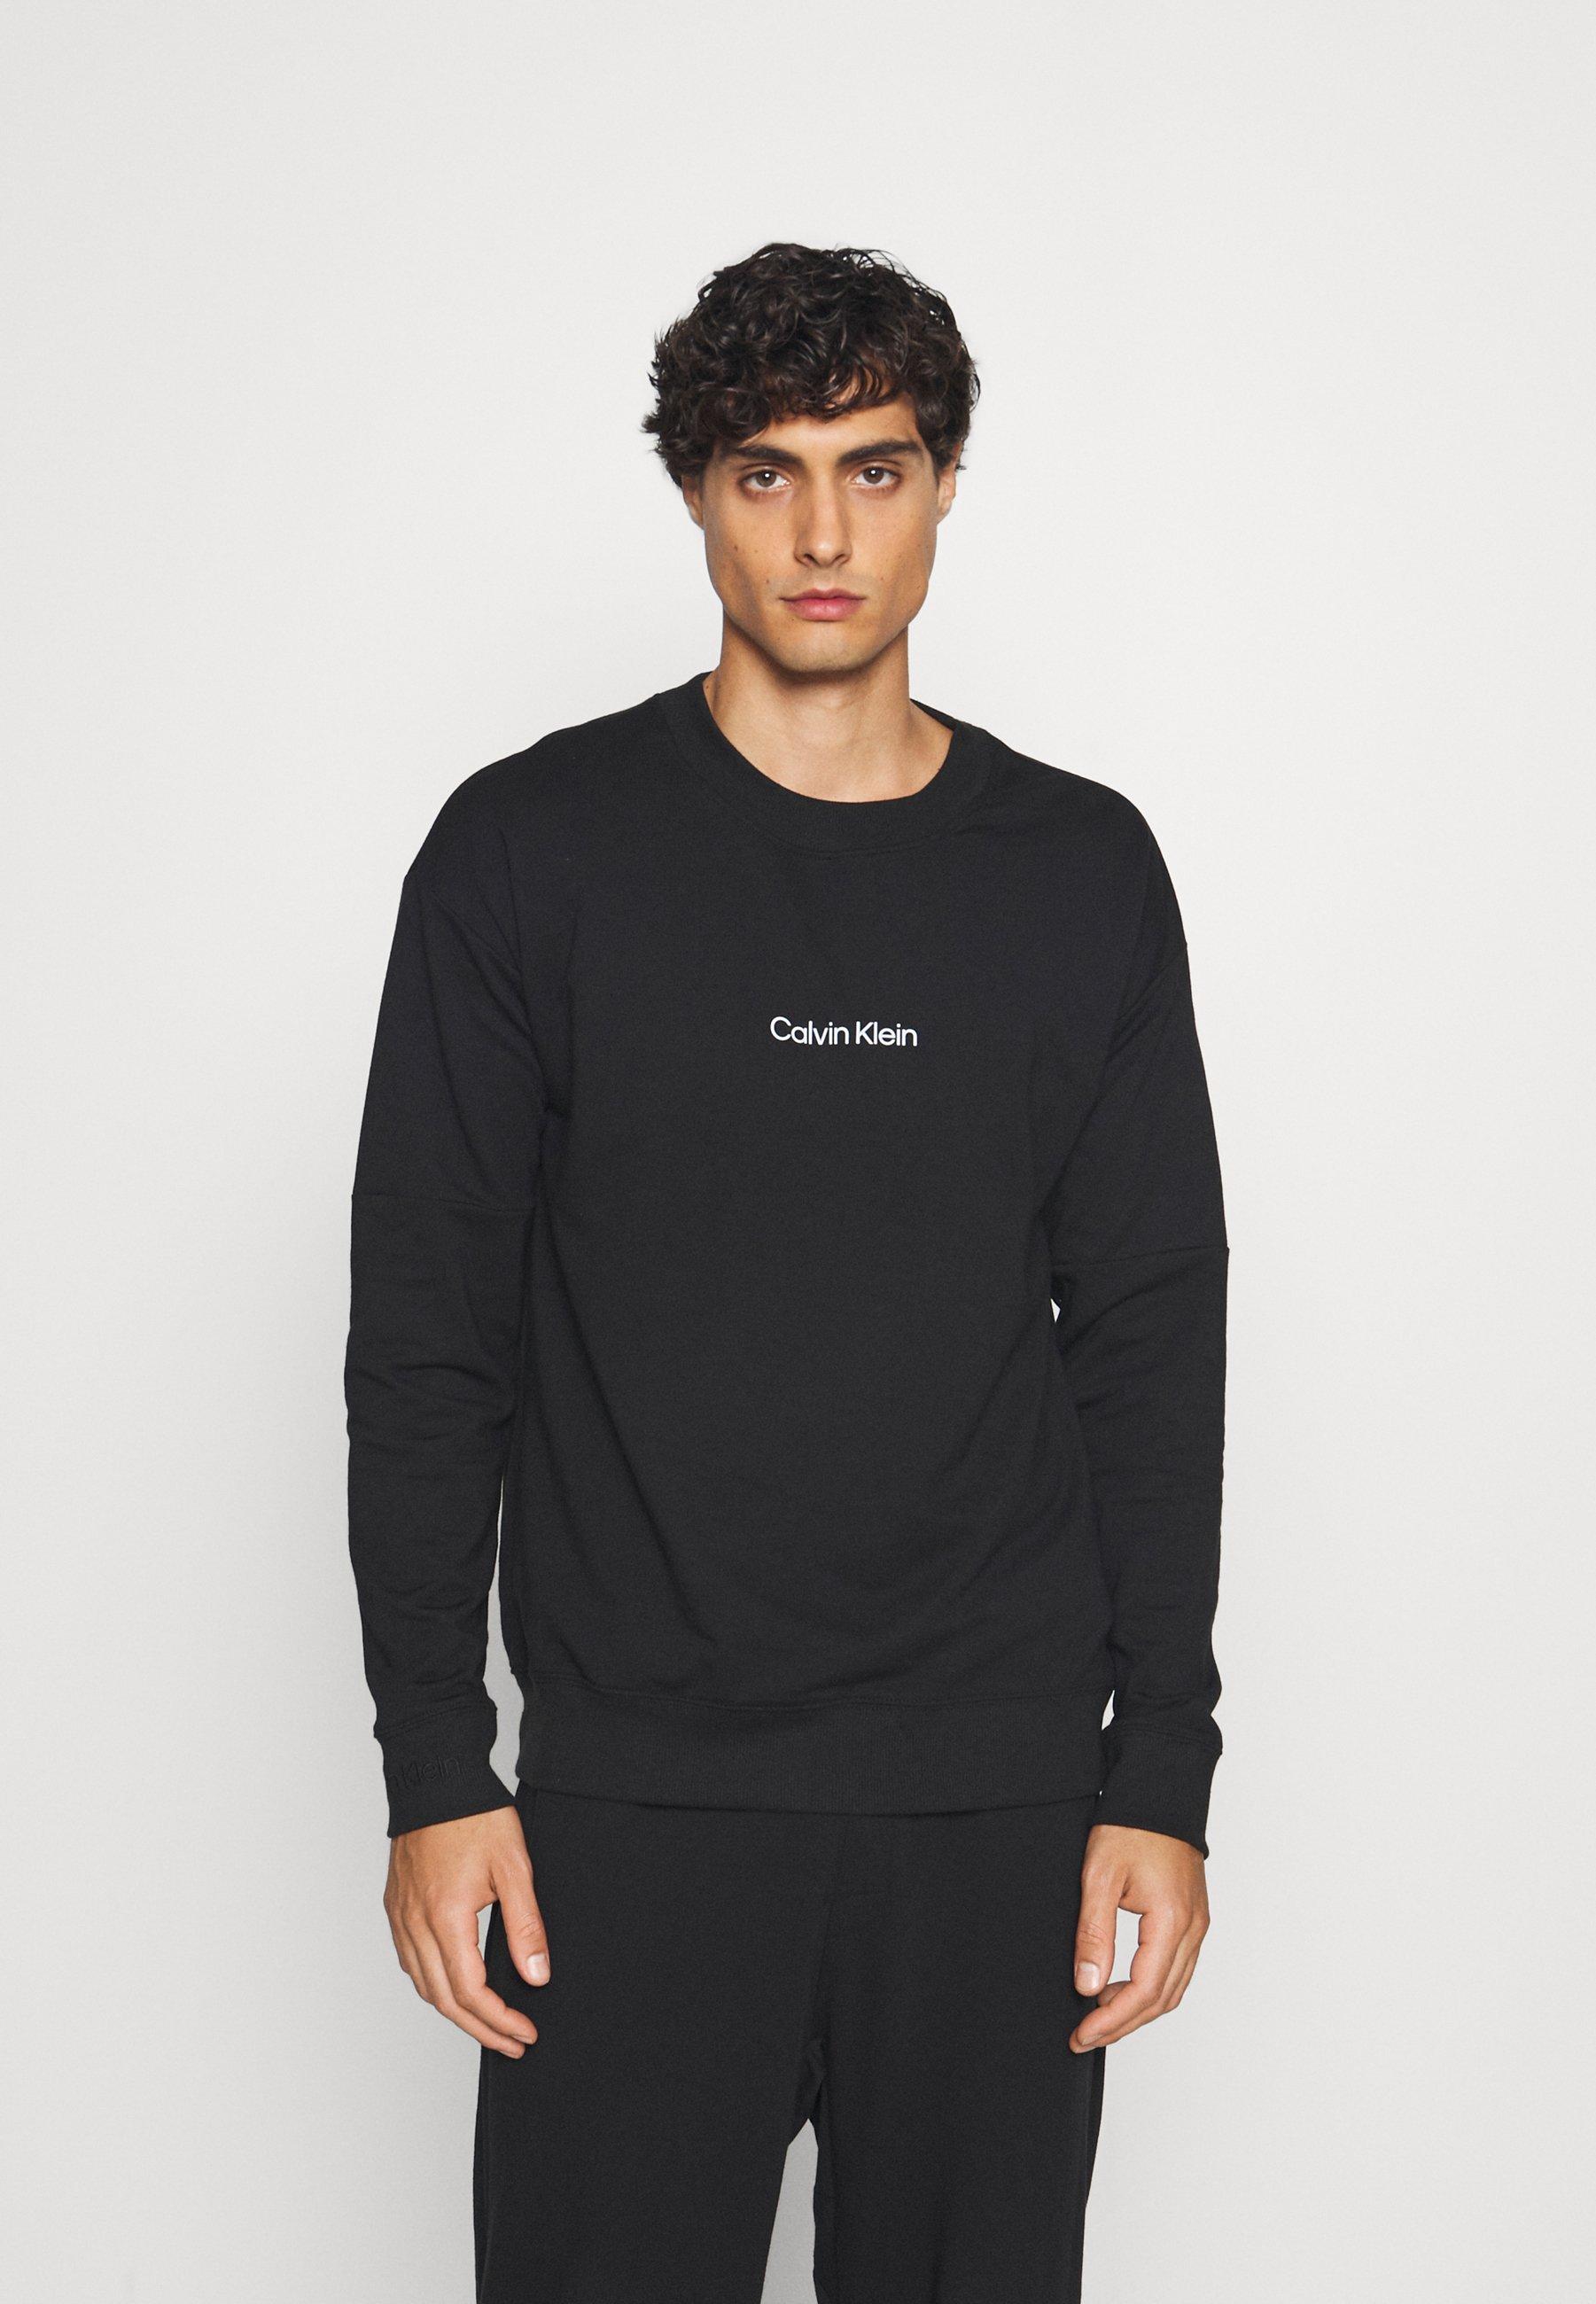 Herren STRUCTURE LOUNGE - Nachtwäsche Shirt